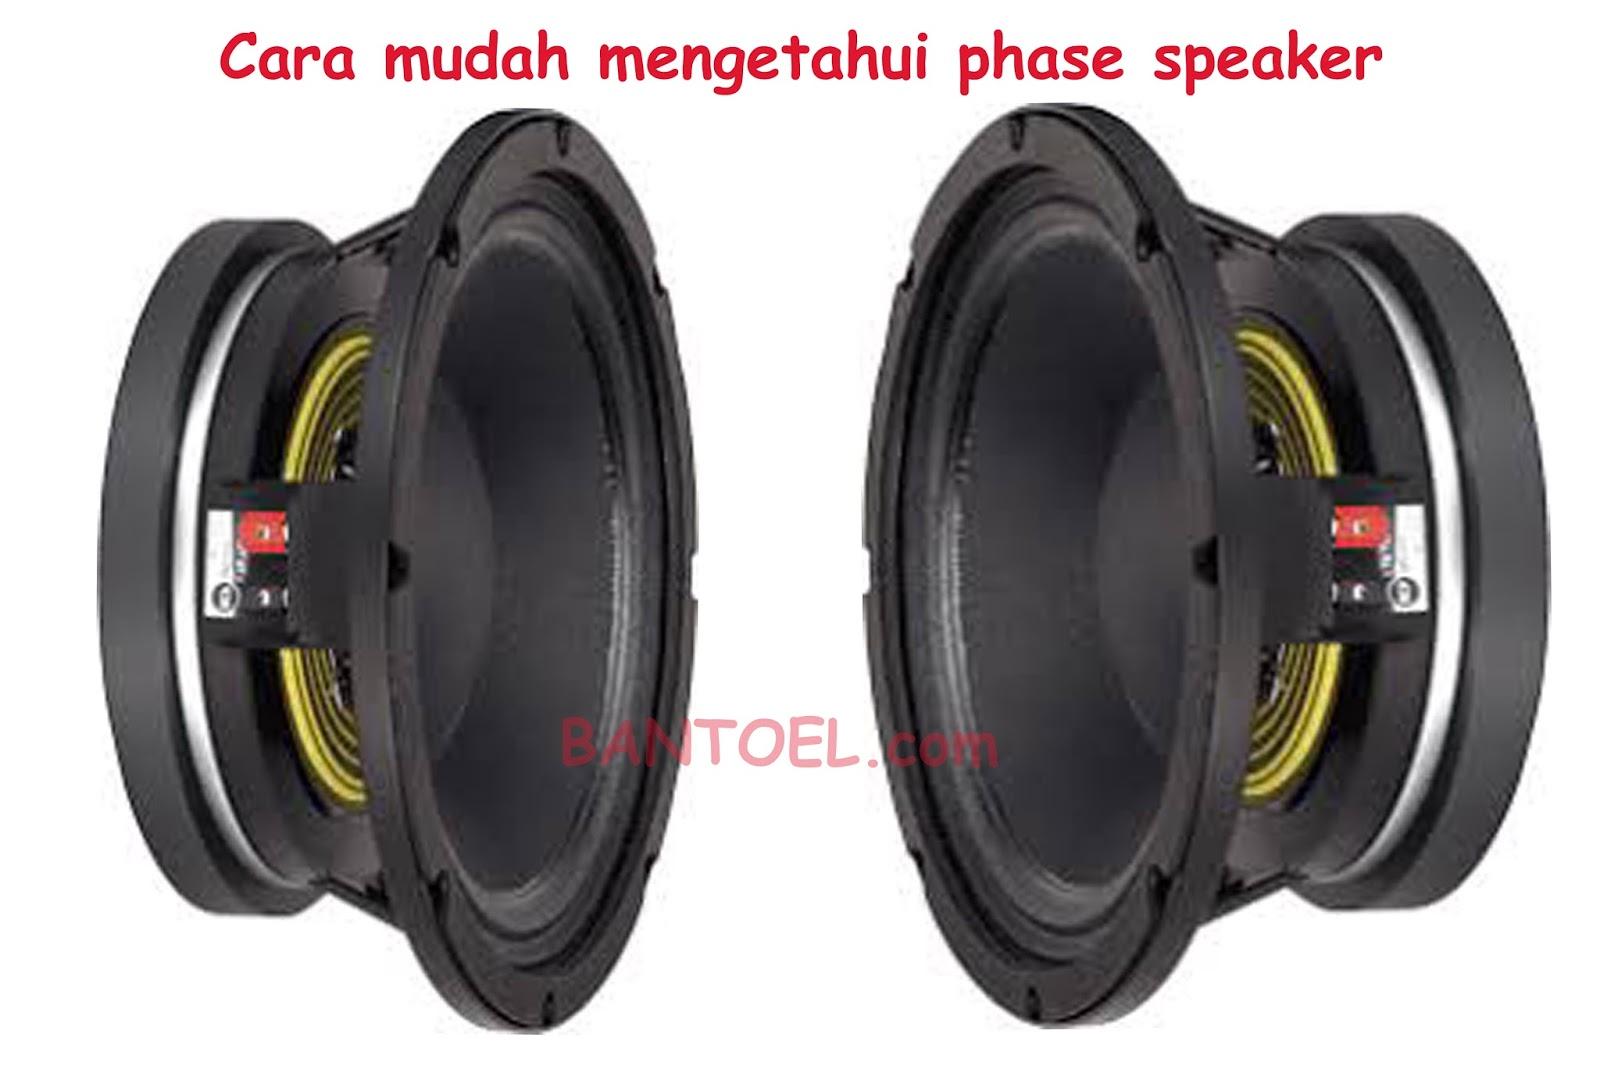 Cara Mudah Mengetahui Phase Speaker Agar Tidak Cempreng